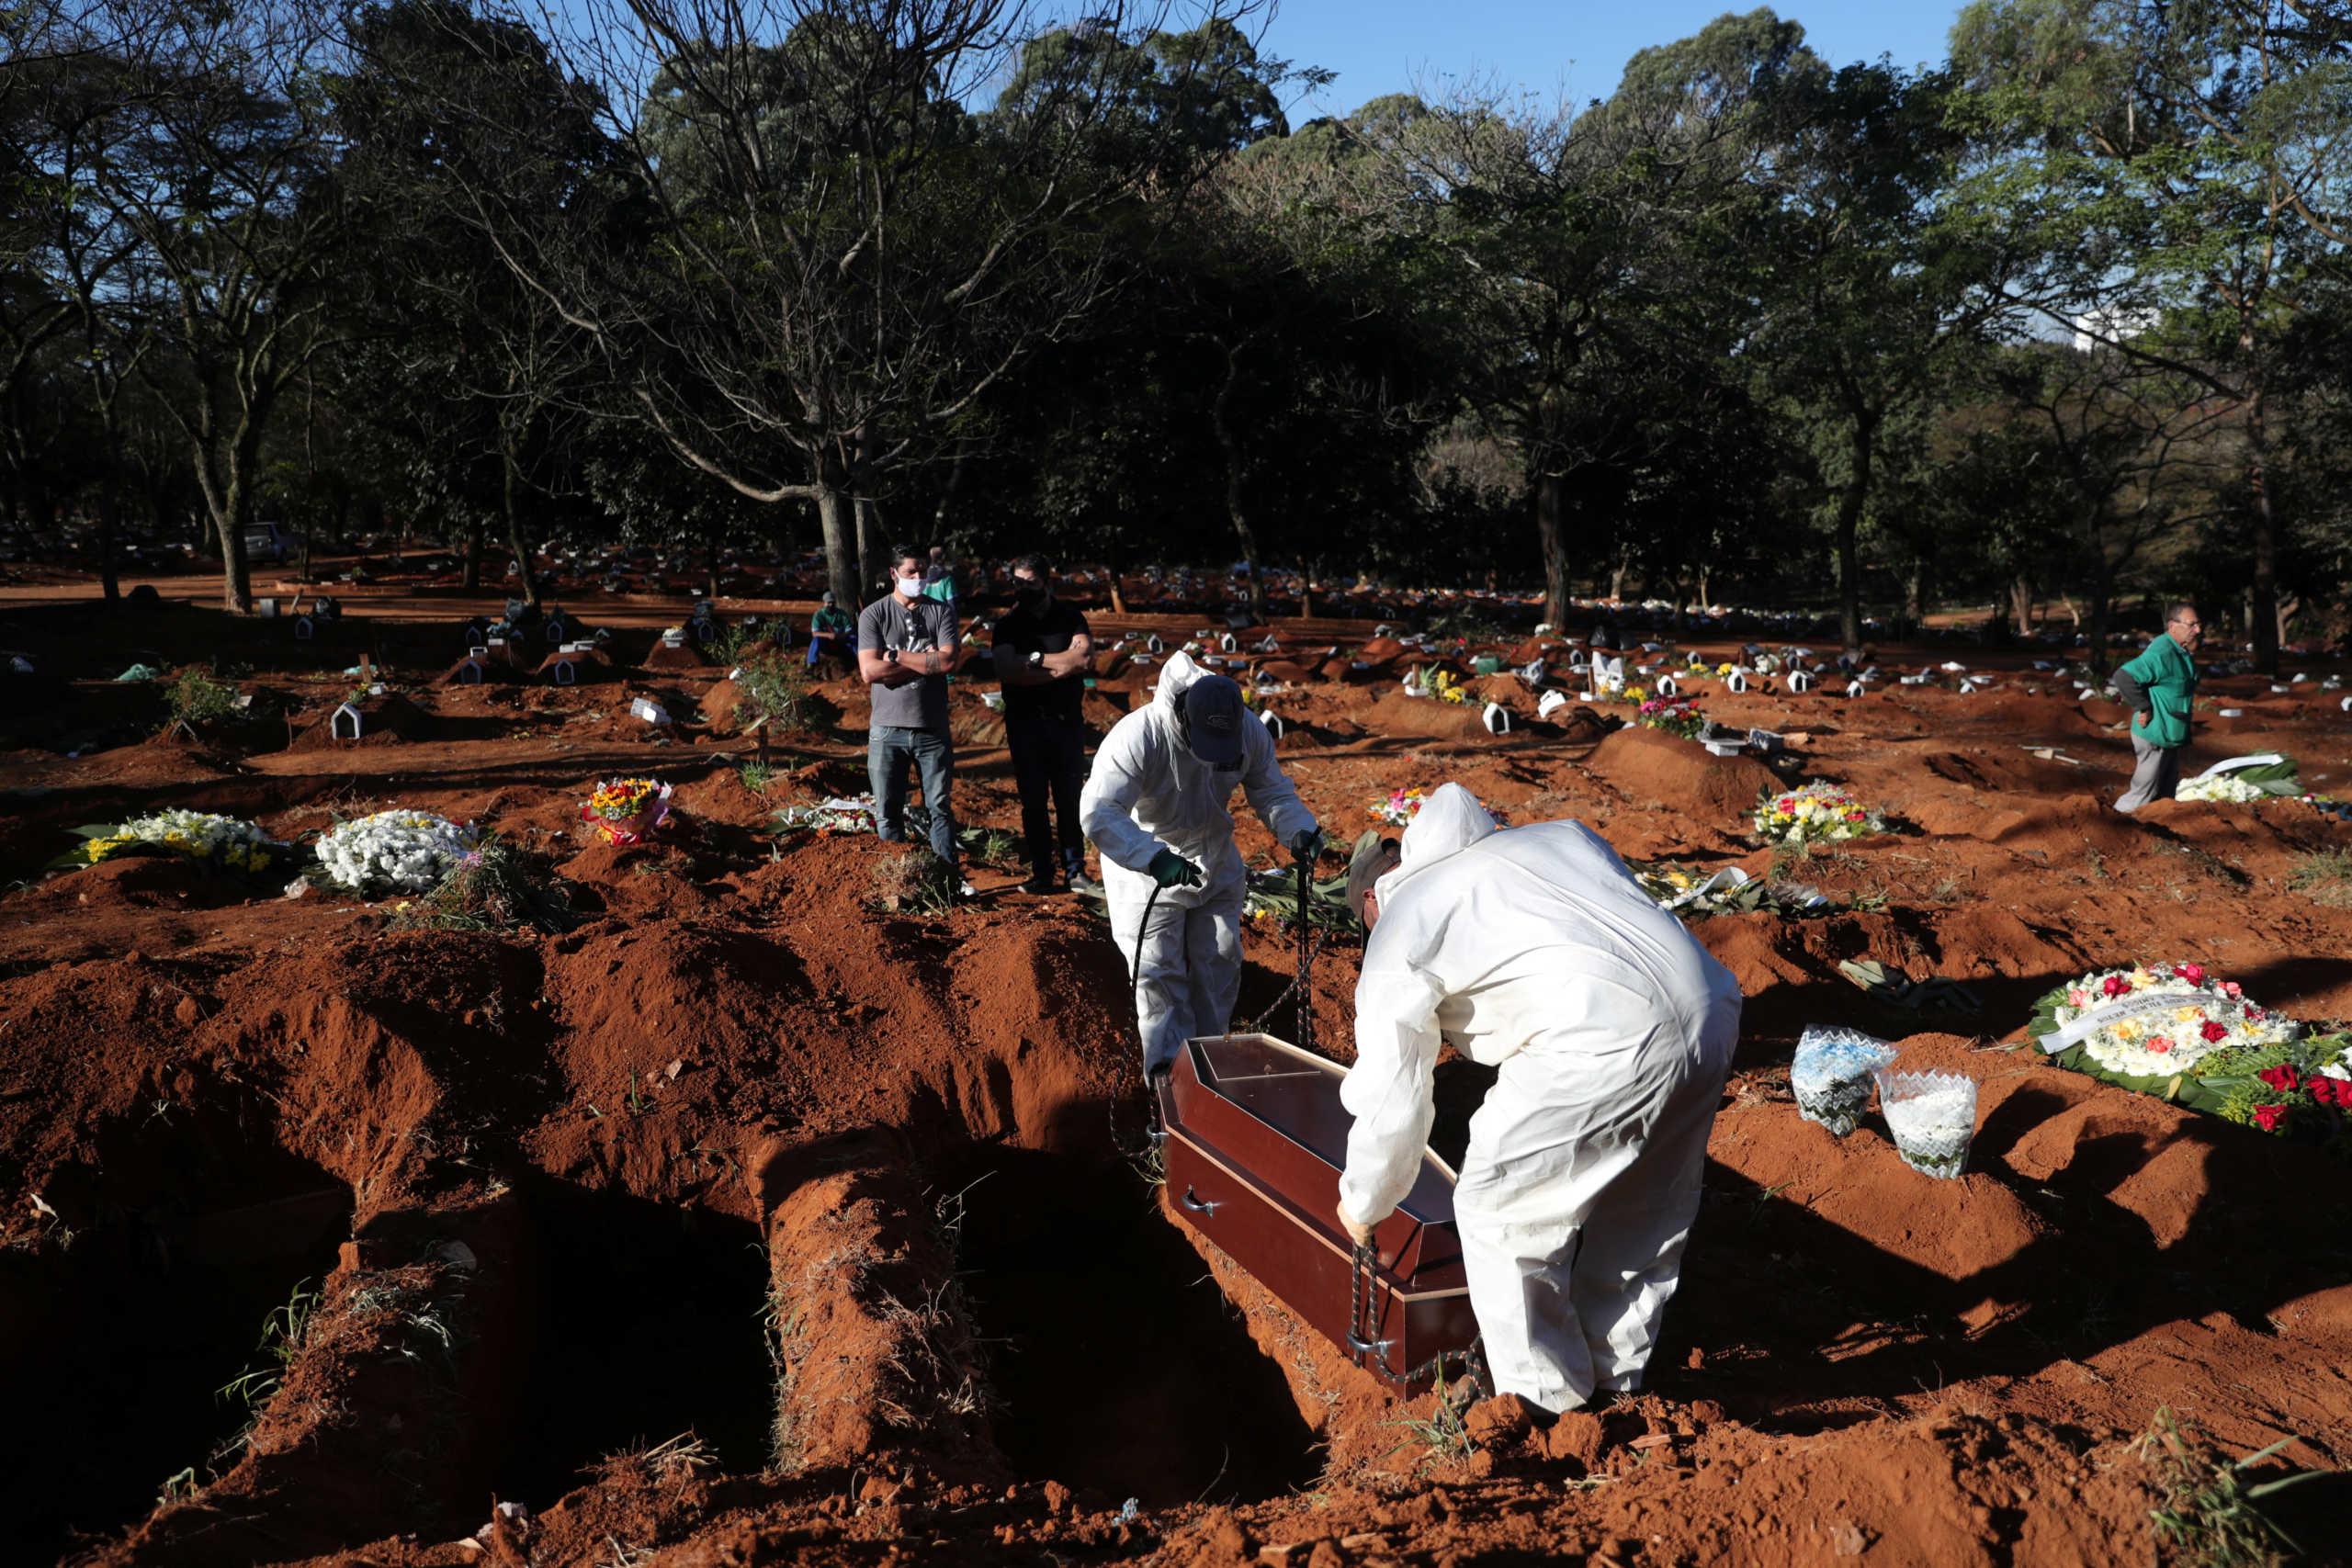 Ο κορονοϊός «σφυροκοπά» την Βραζιλία: 3.560 νεκροί και 73.174 κρούσματα σε ένα 24ωρο